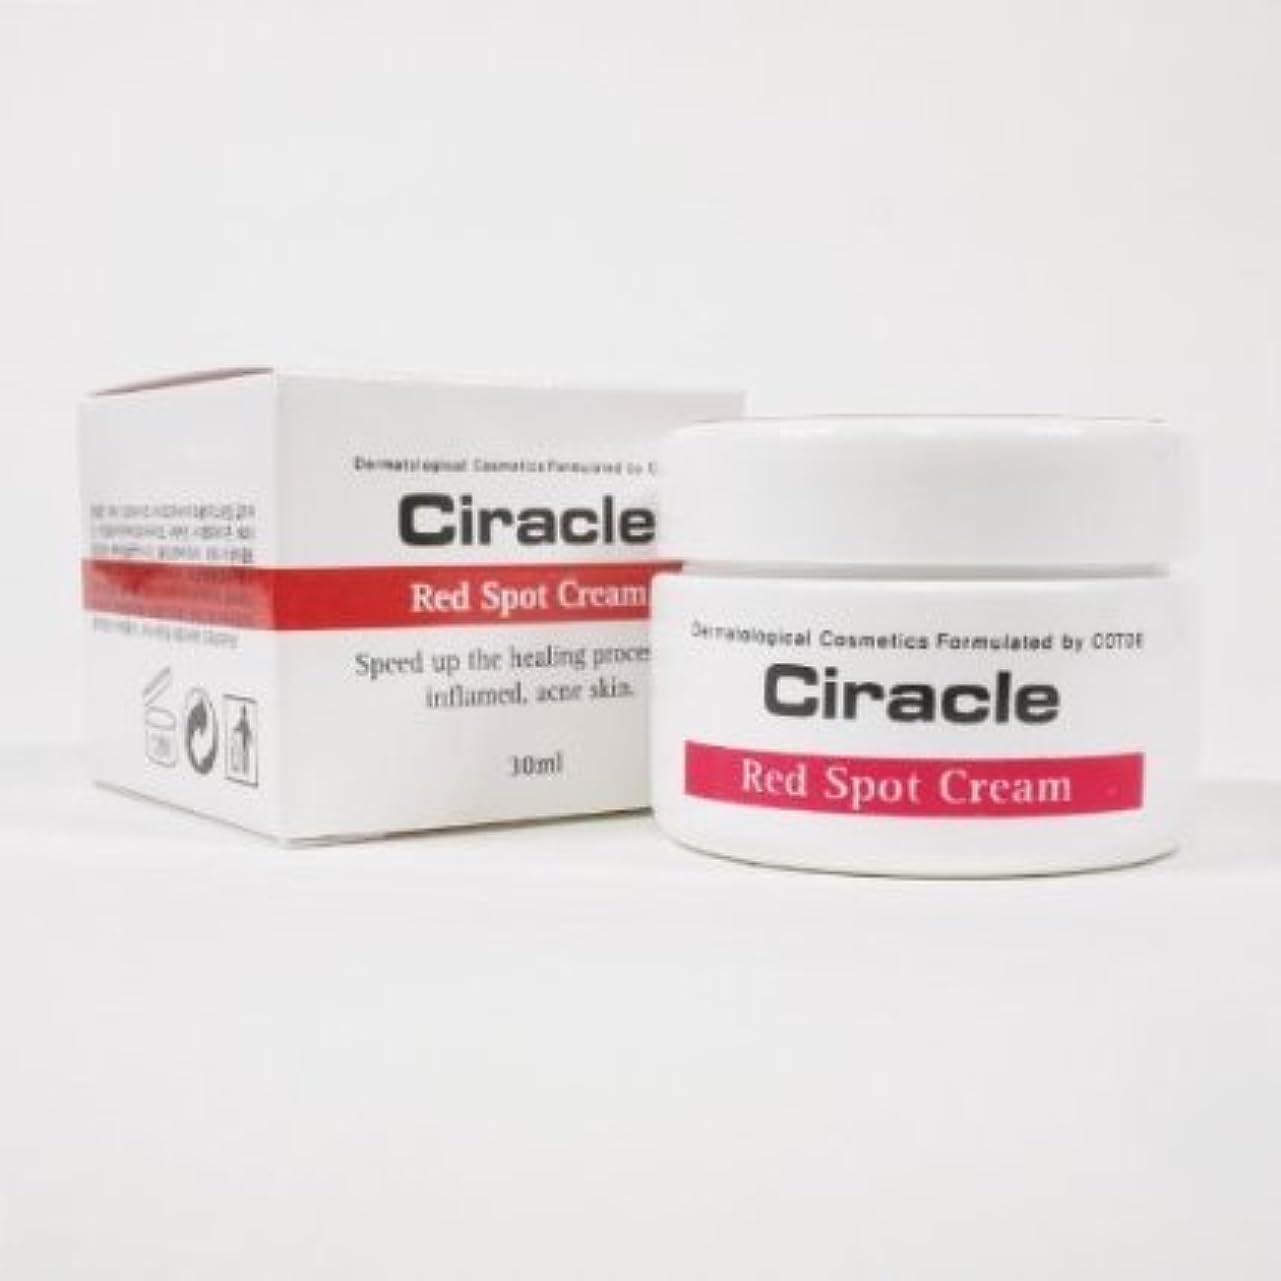 コウモリリクルート民兵Ciracle レッド スポット クリーム /Red Spot Cream (30ml )